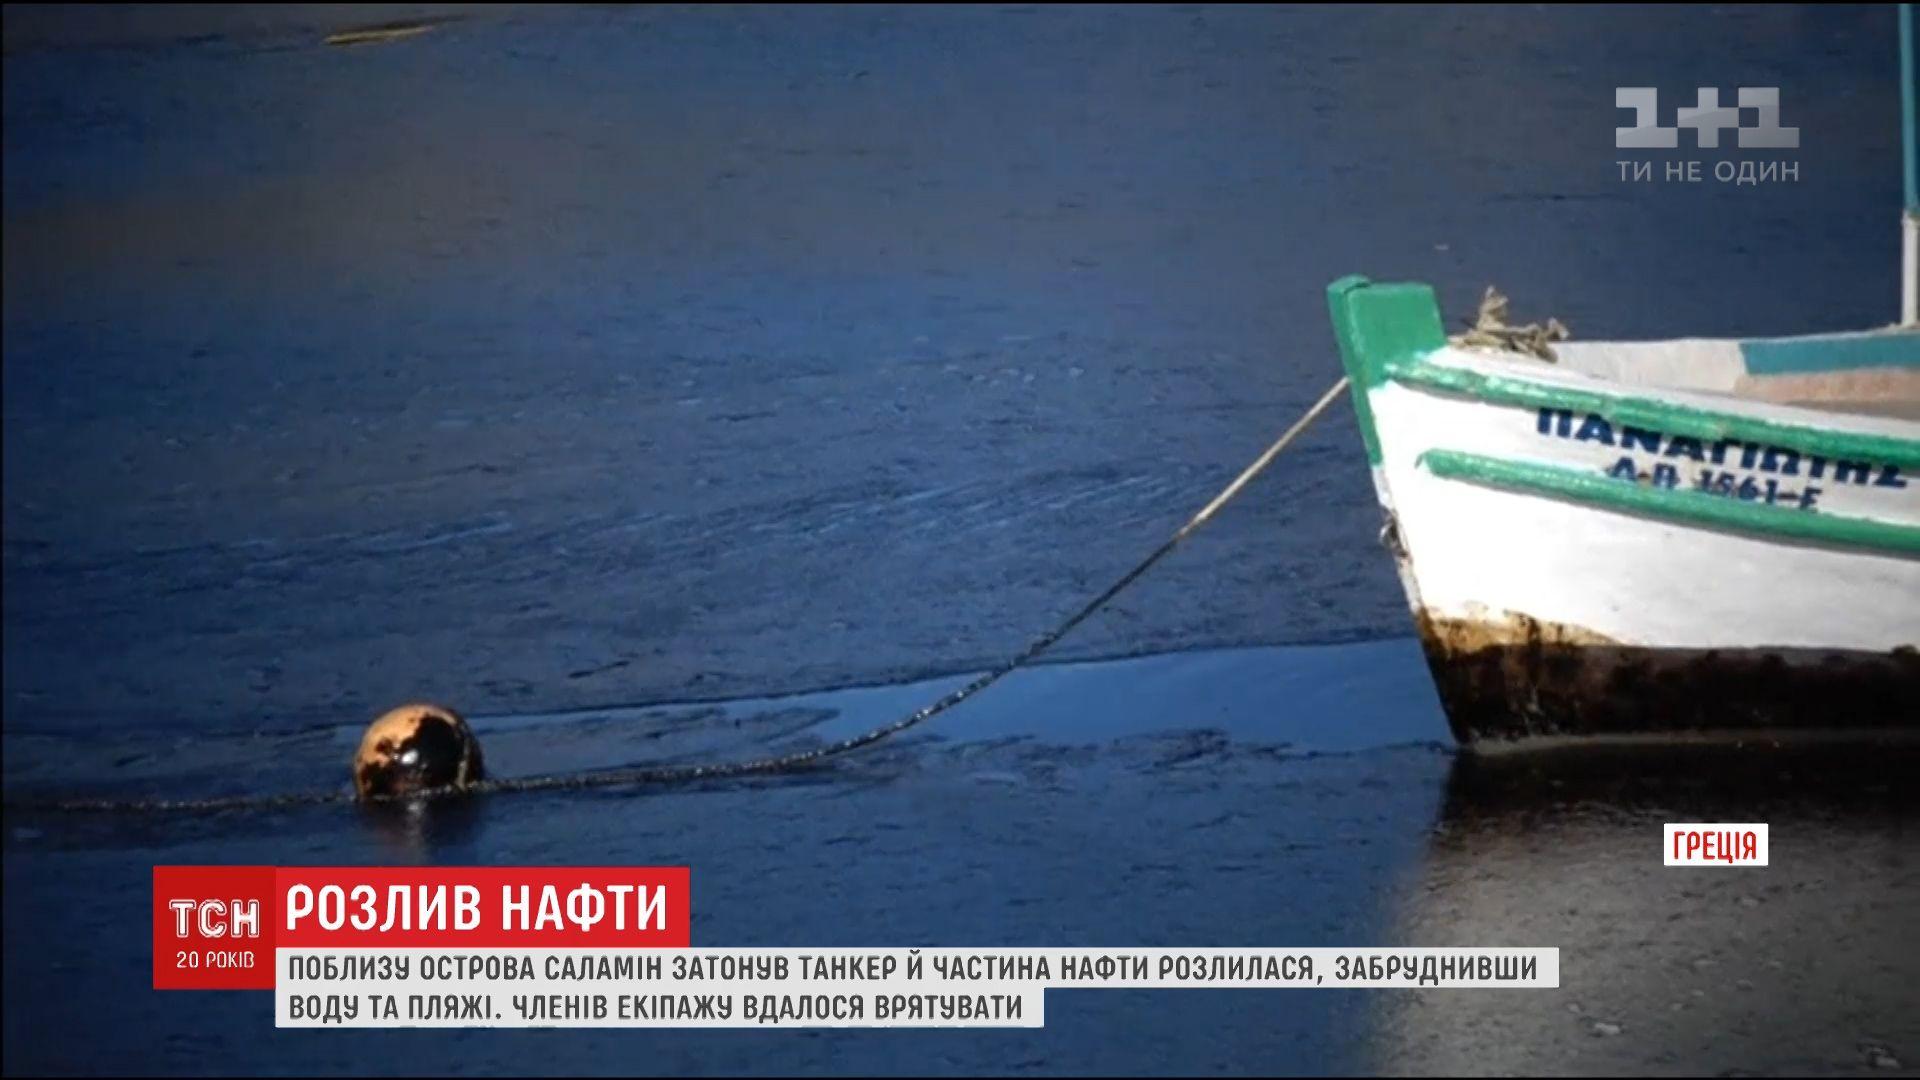 Часть нефти из танкера разлилась / Скриншот видео ТСН